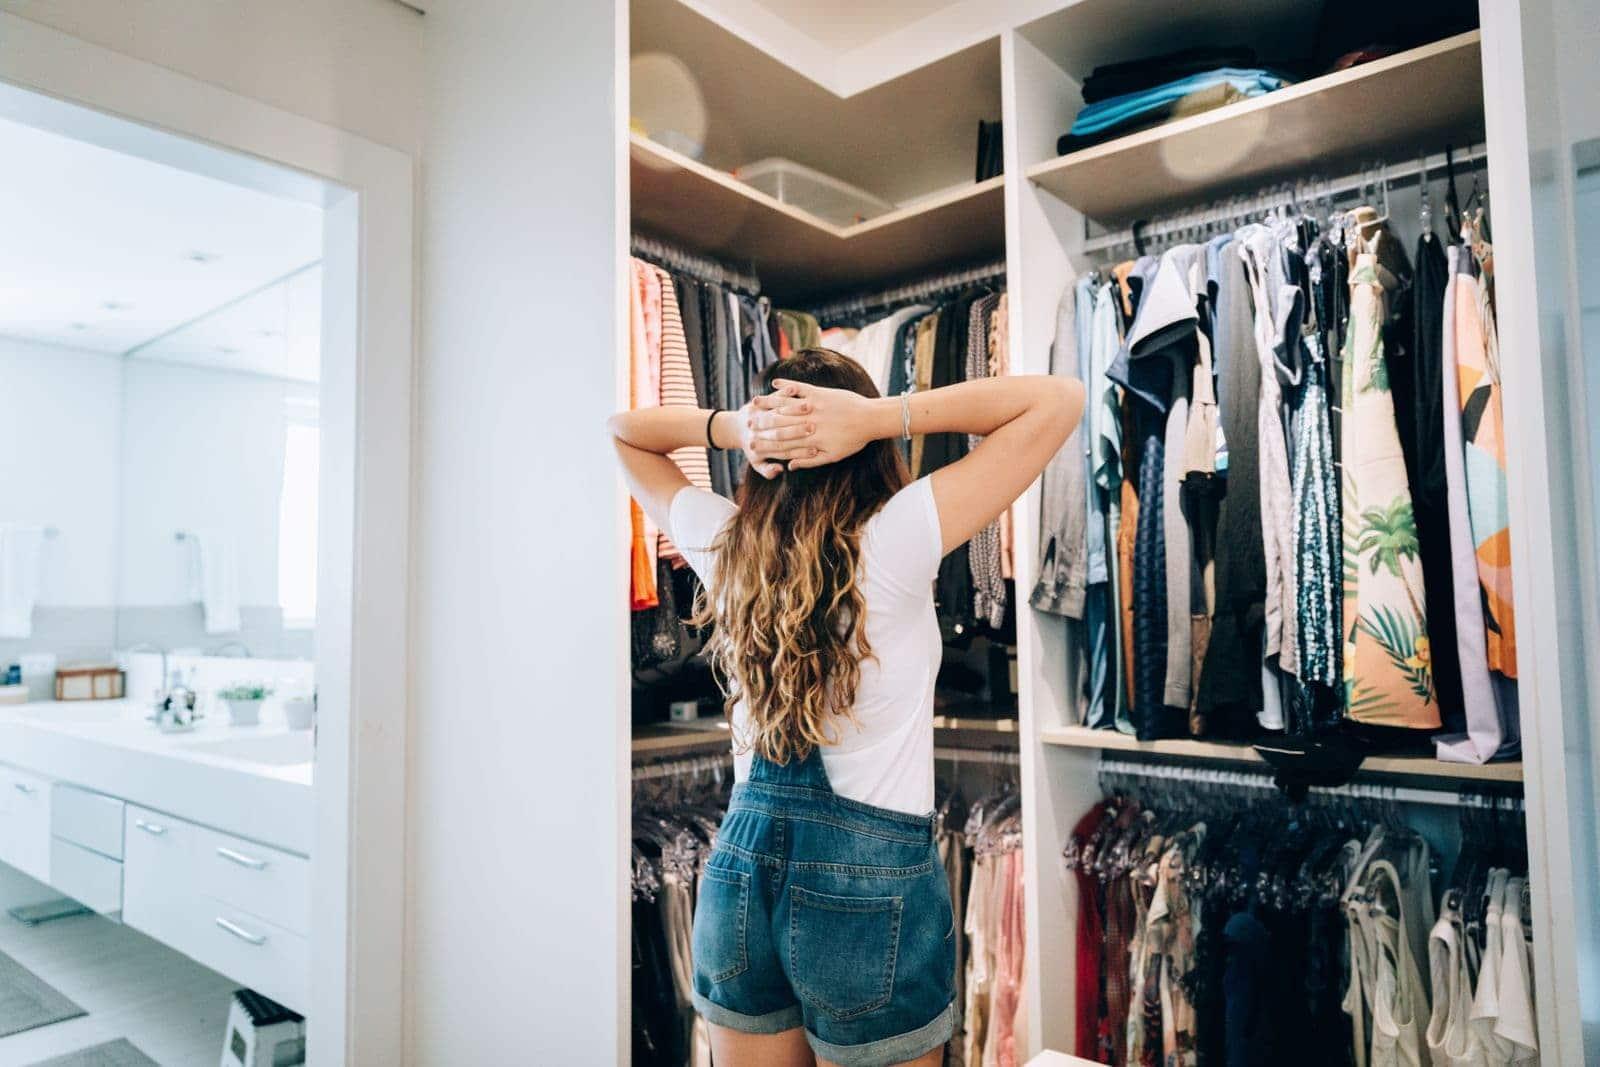 Une jeune fille choisit ses vêtements